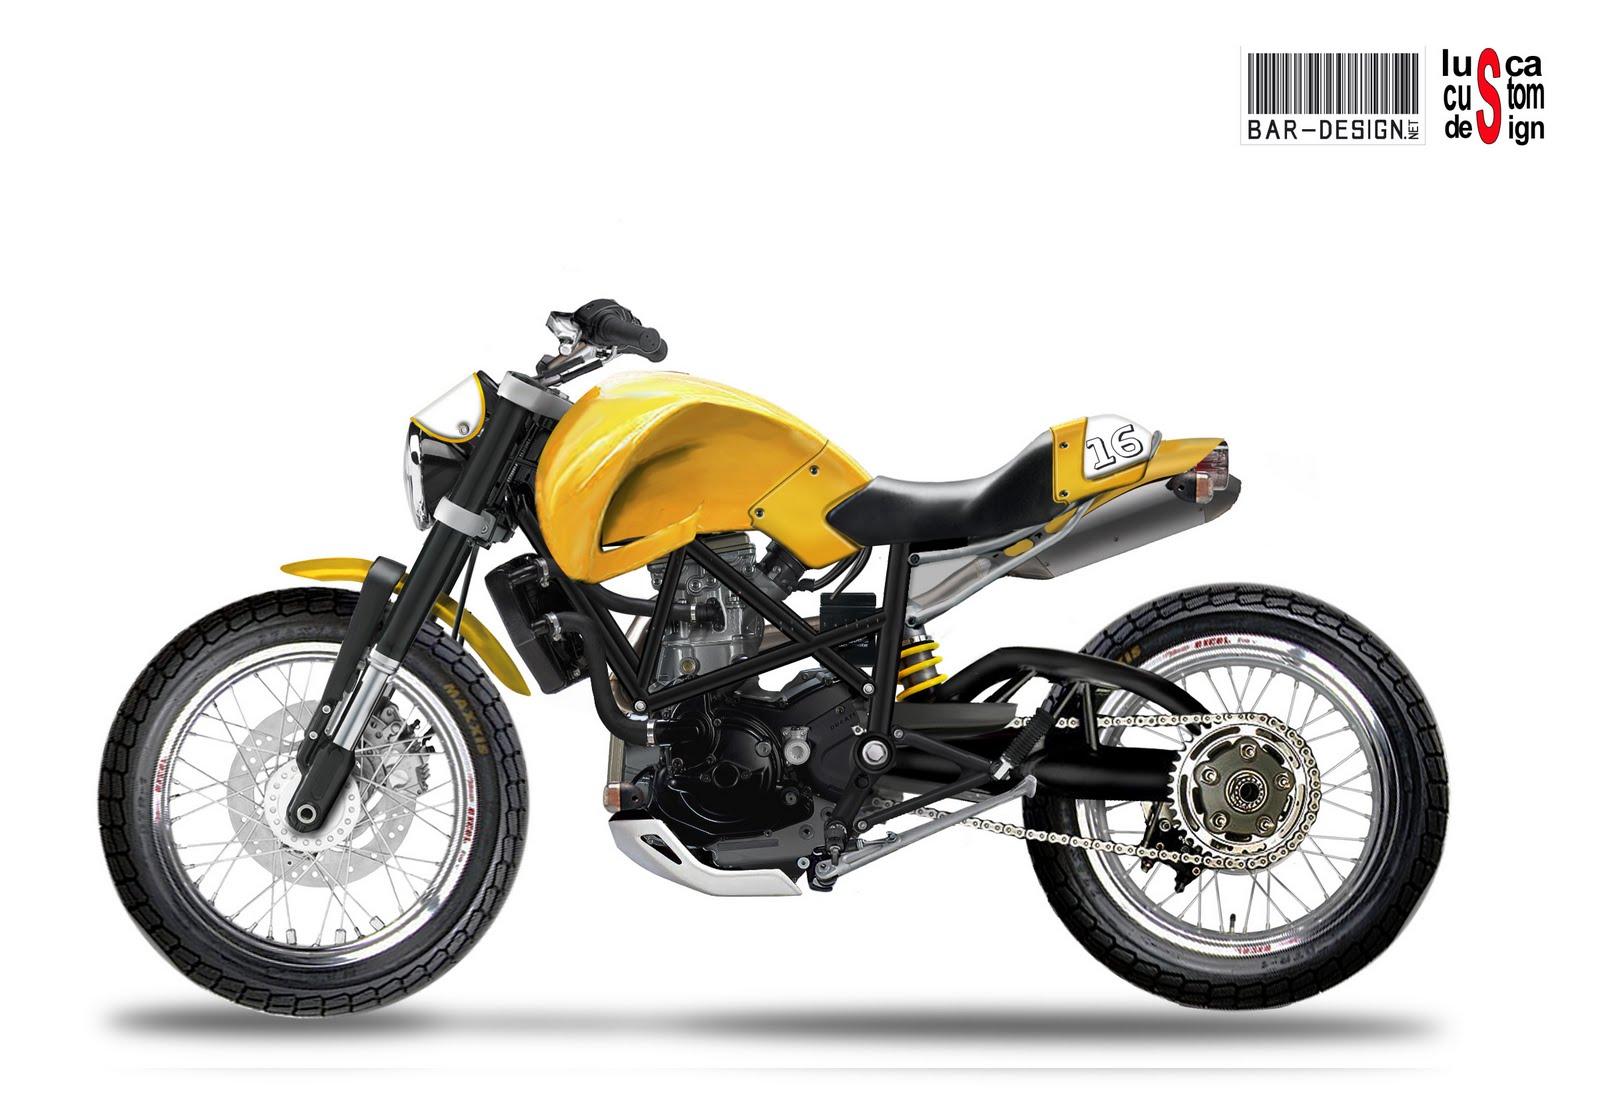 moto design e passioni ducati scrambler 2012. Black Bedroom Furniture Sets. Home Design Ideas